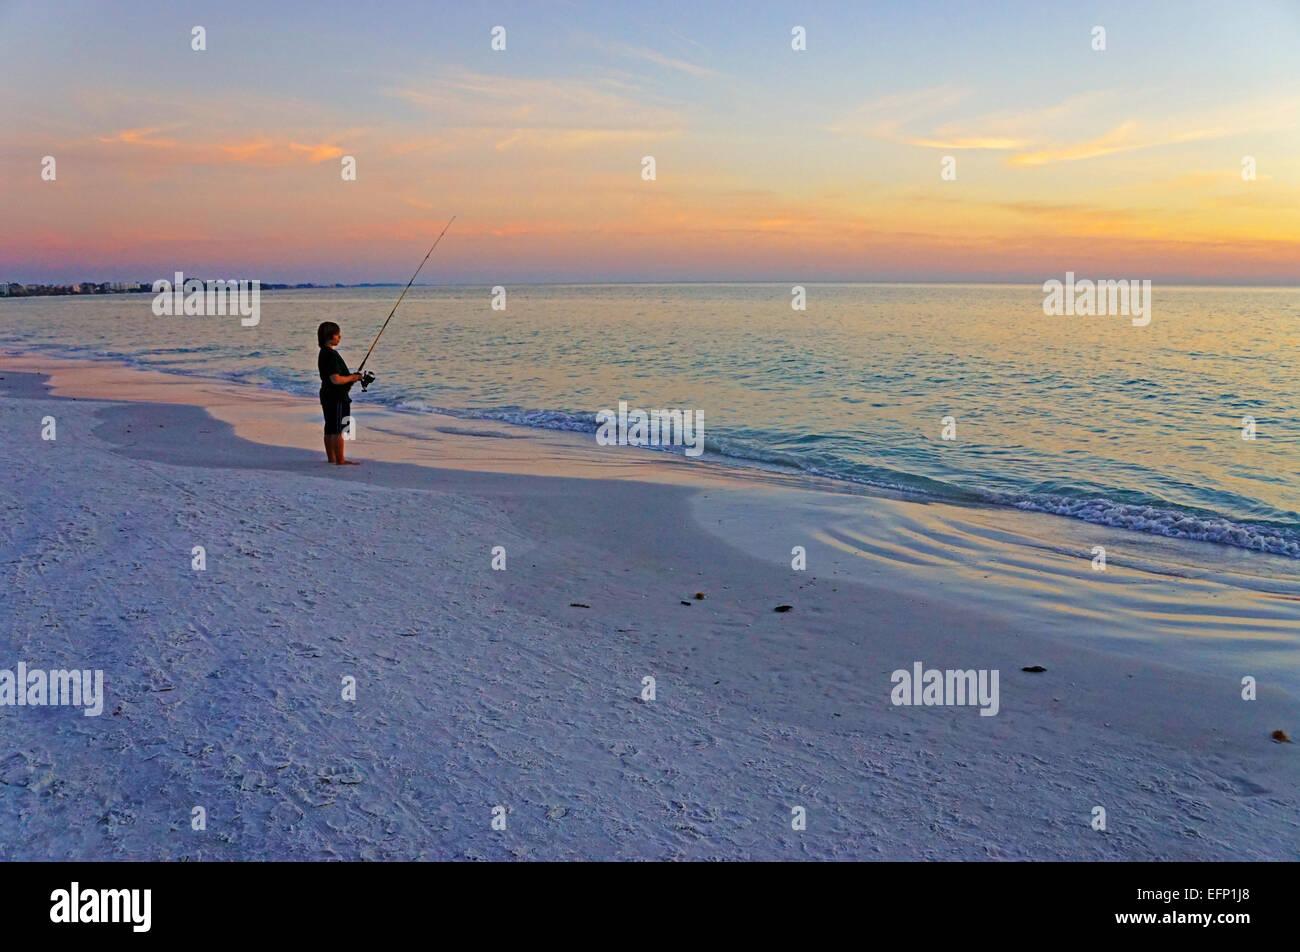 Boy fishing at sunset on Siesta Key Beach at Sarasota, Florida. - Stock Image